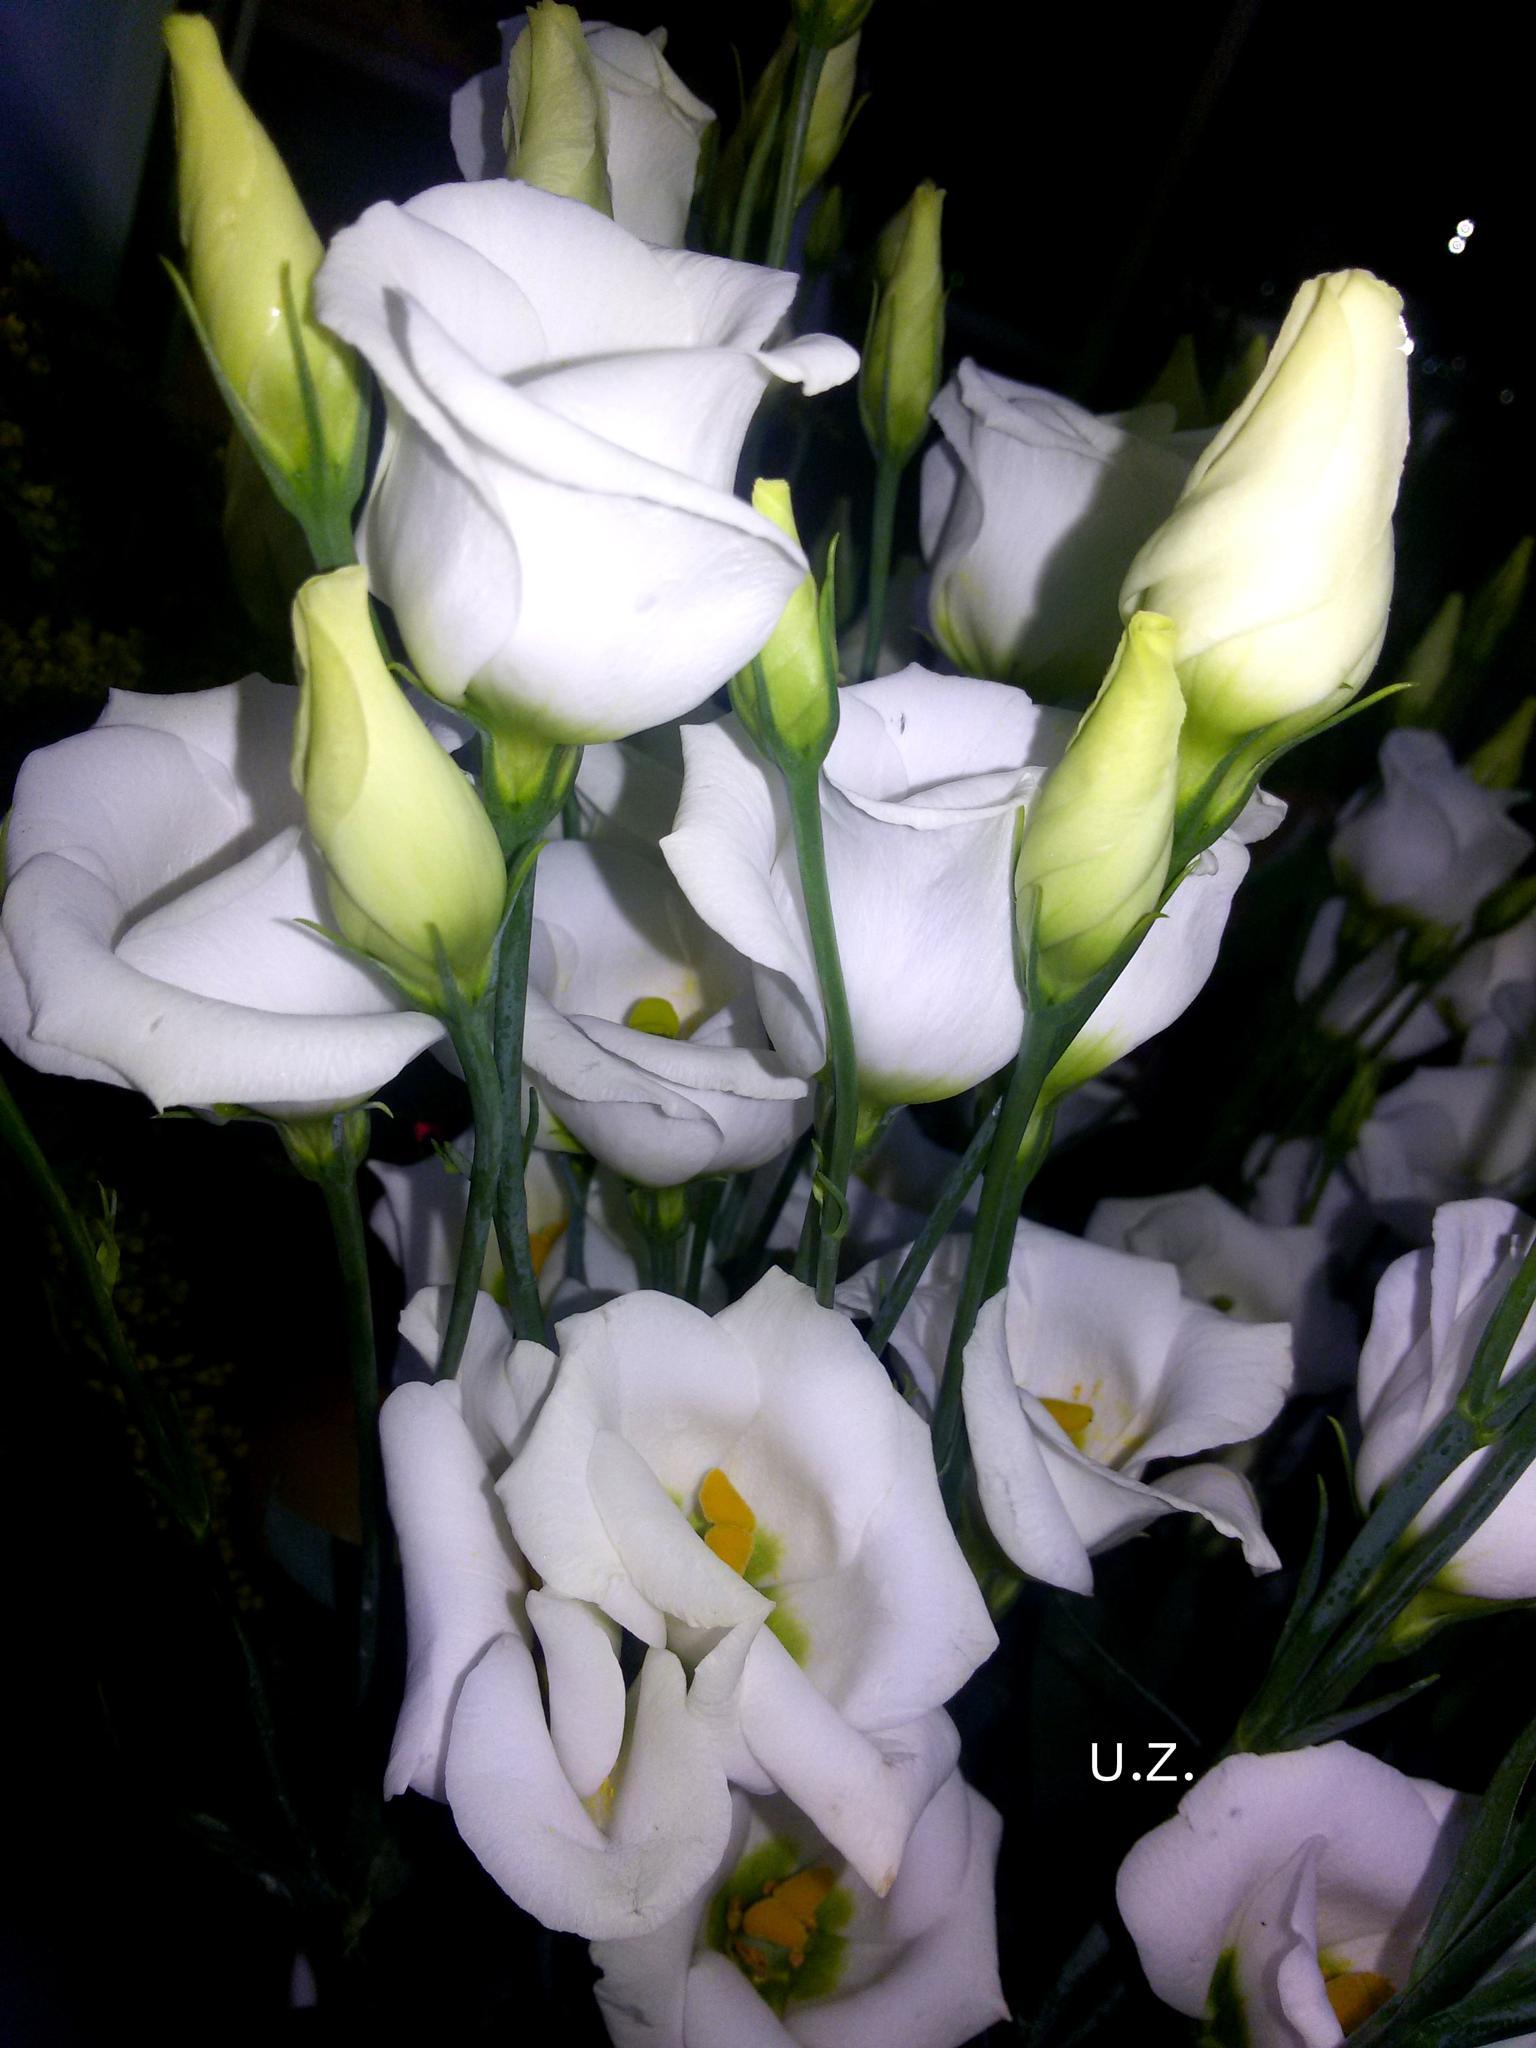 Flower 342 by Zita Užkuraitienė